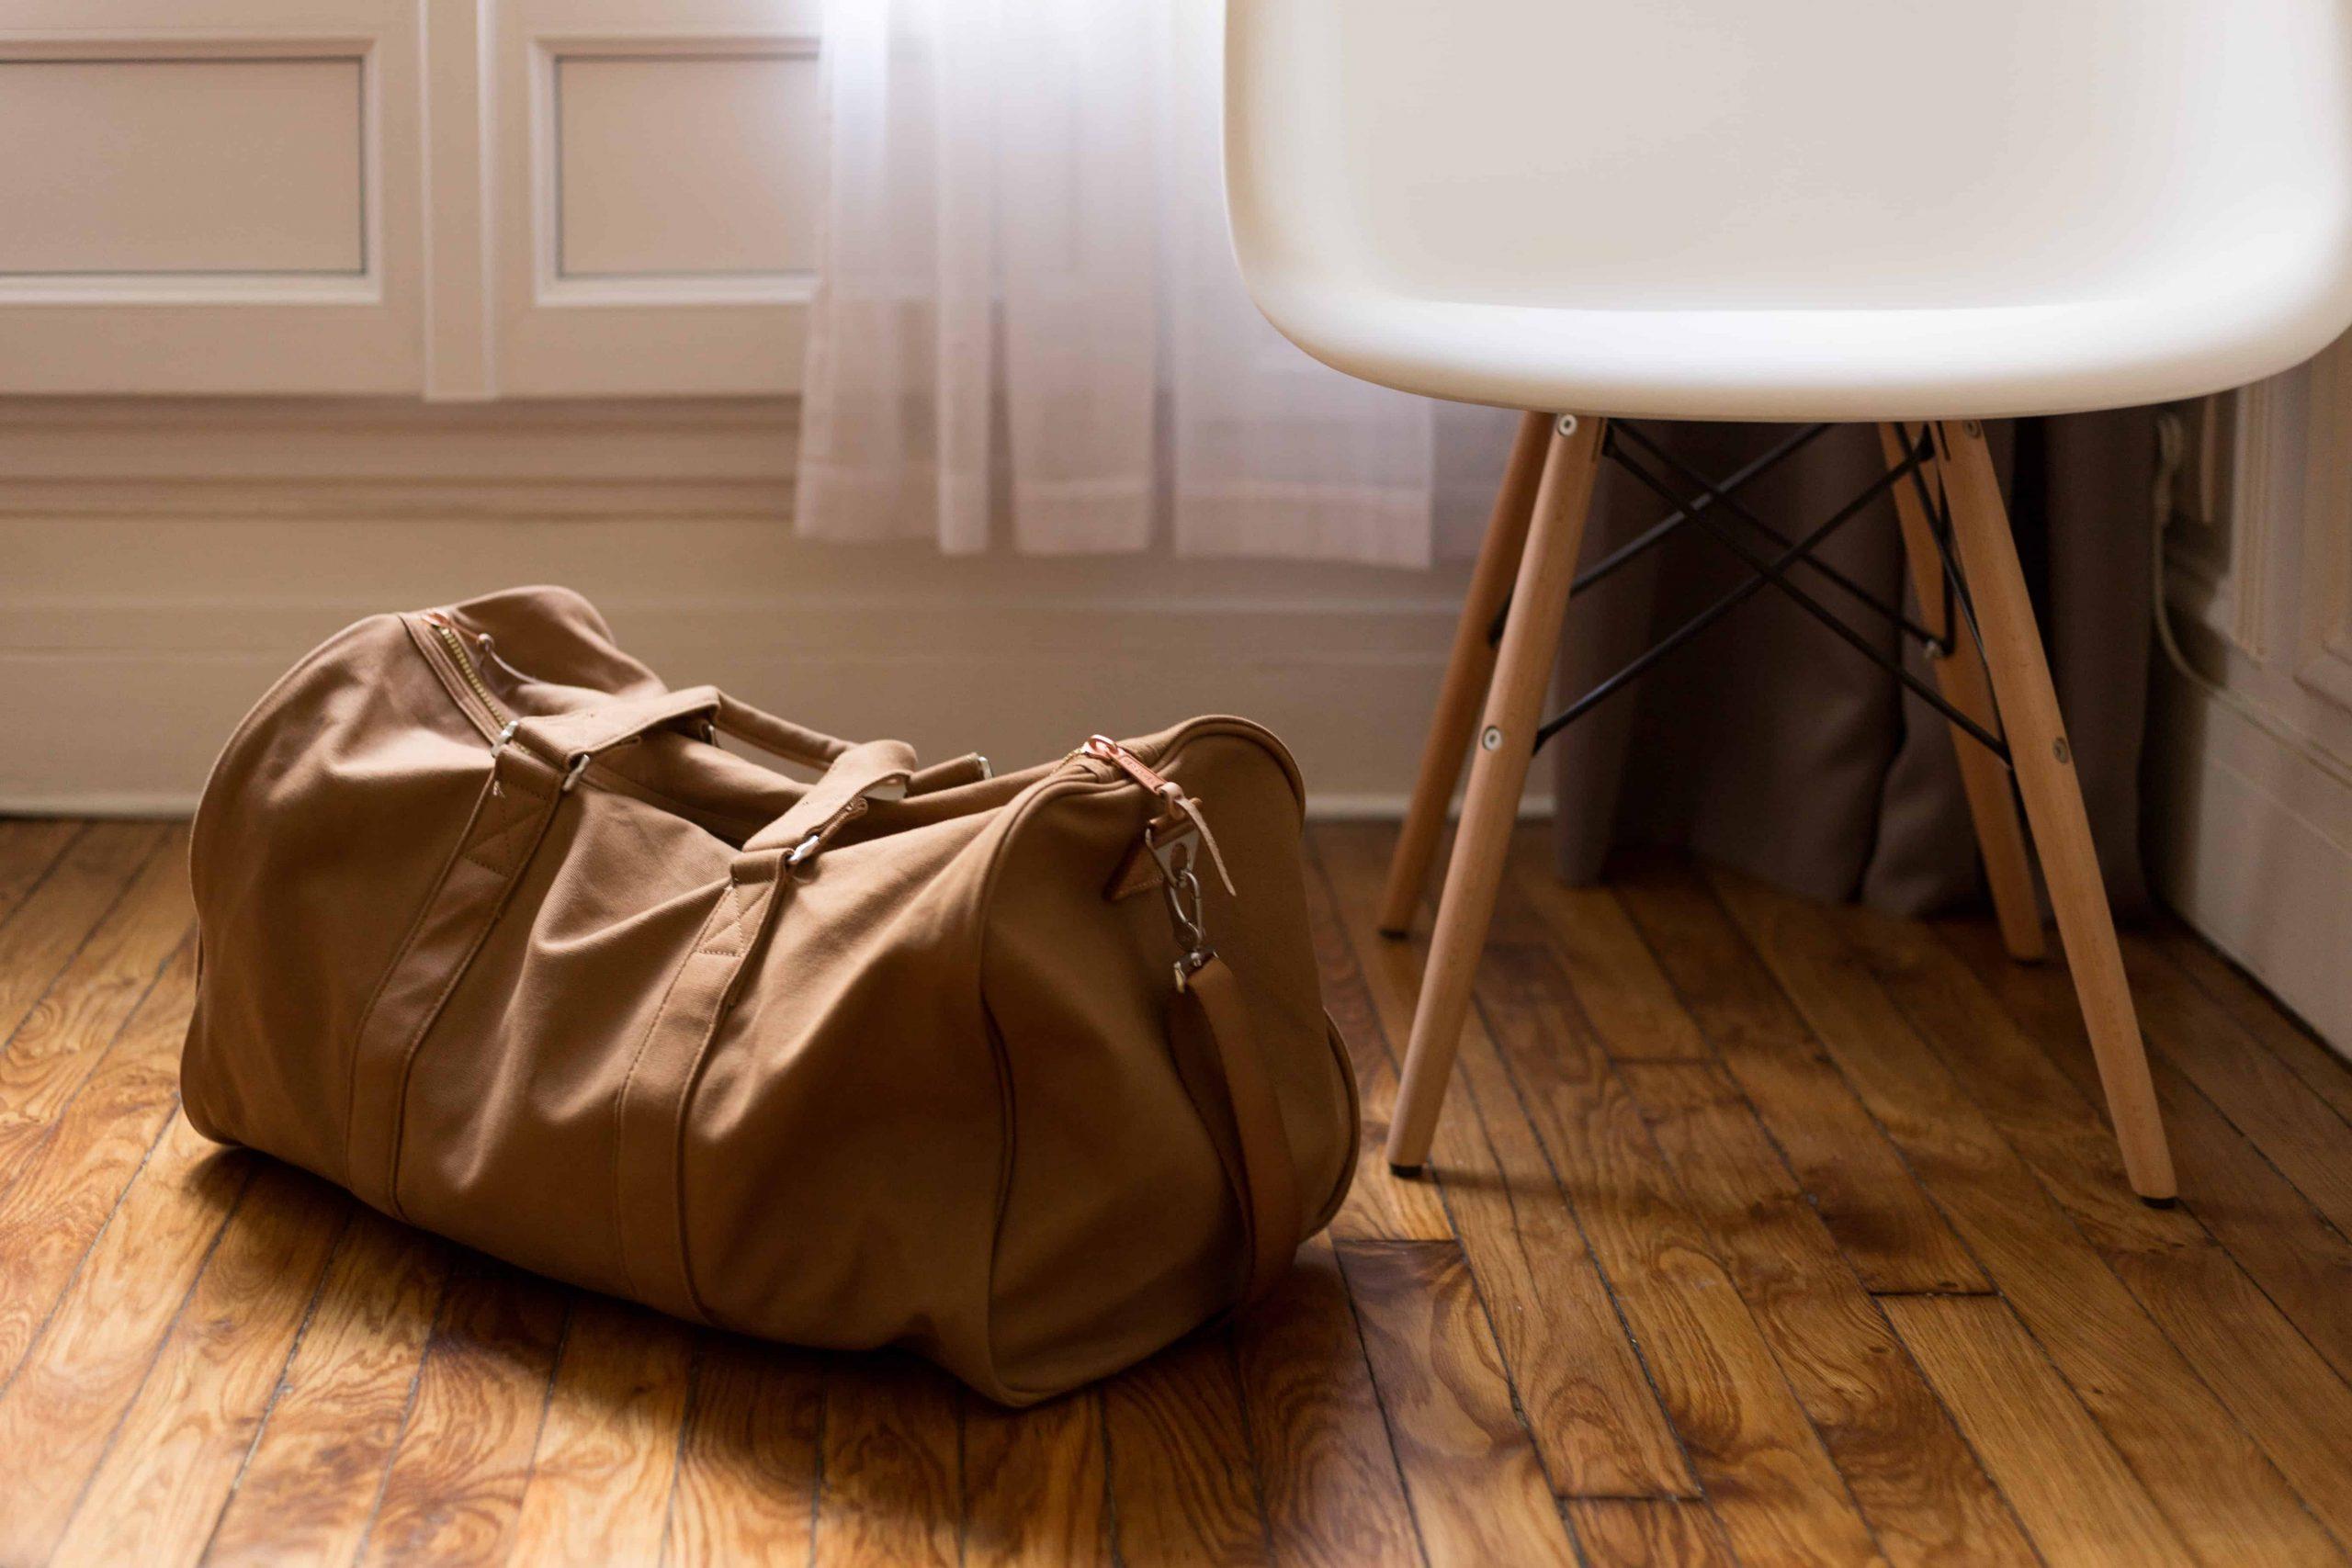 Reisetasche mit Rollen: Test & Empfehlungen (03/21)